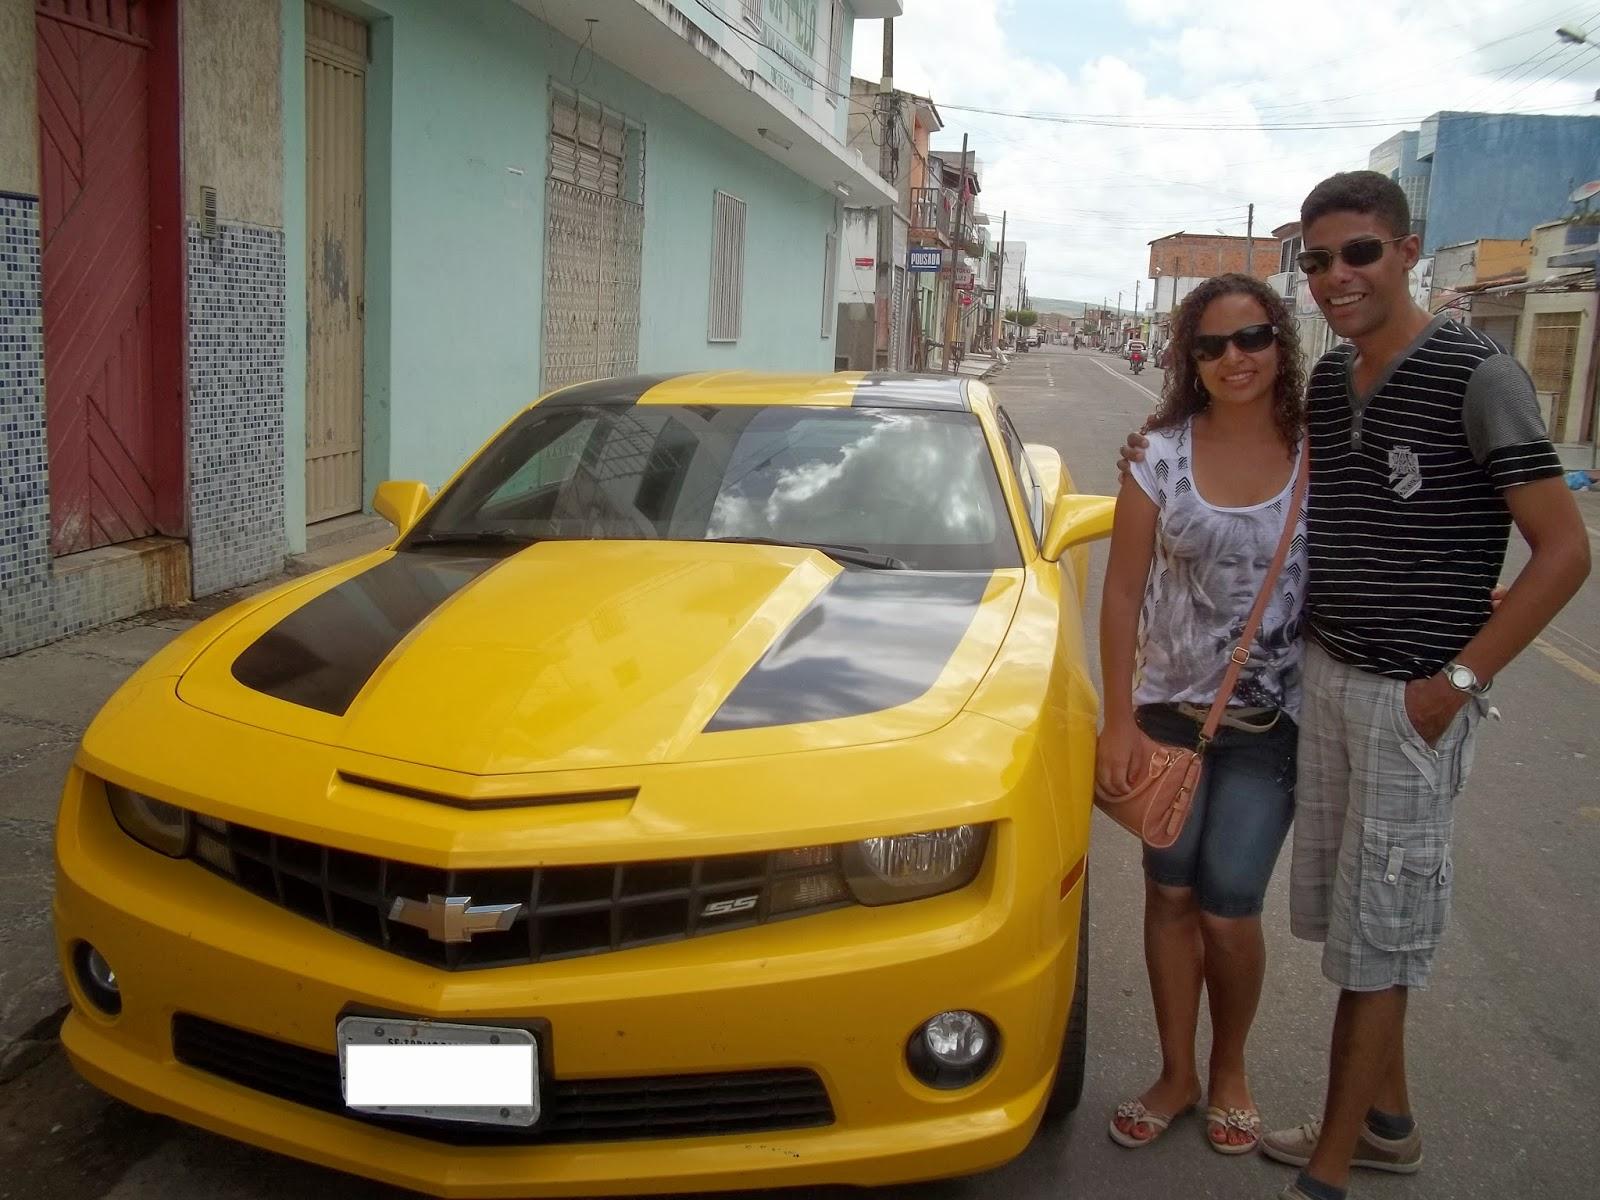 Tirando onda com o Camaro amarelo